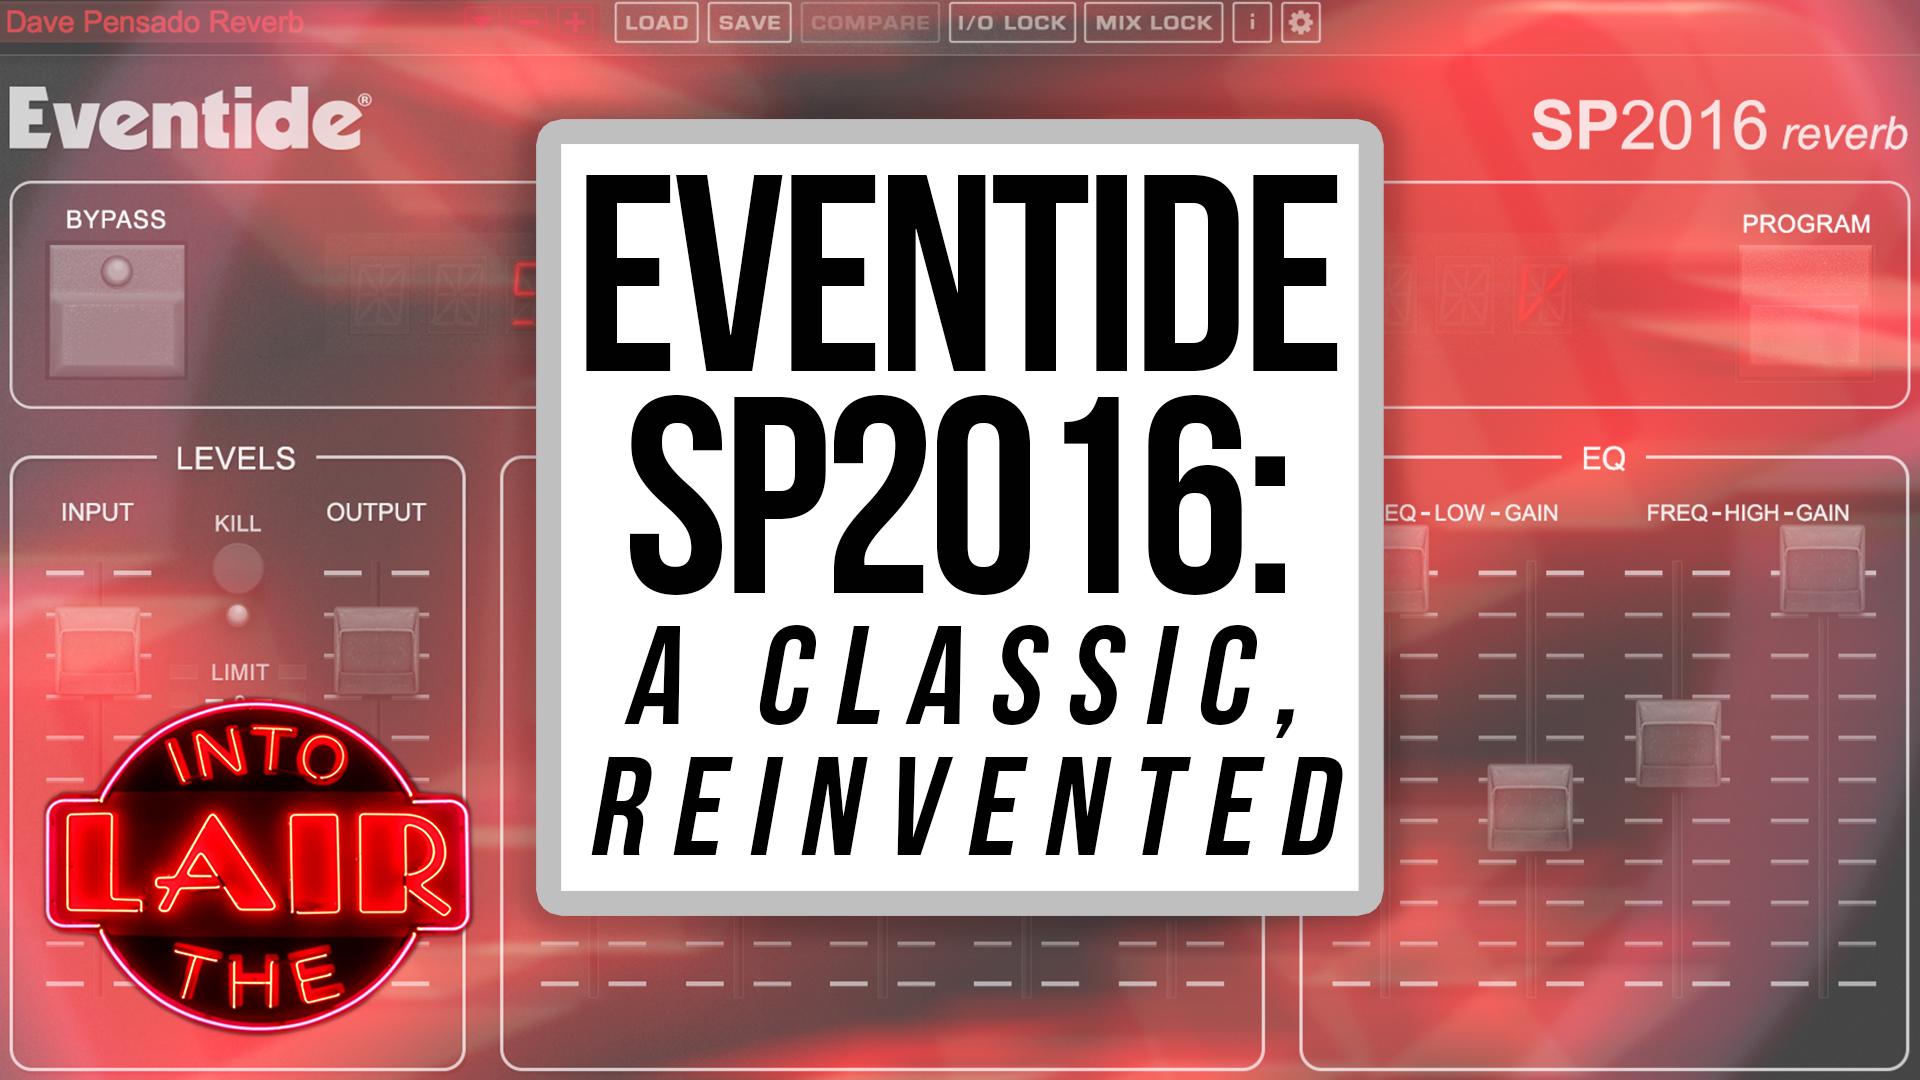 Eventide SP2016: A Classic Reinvented